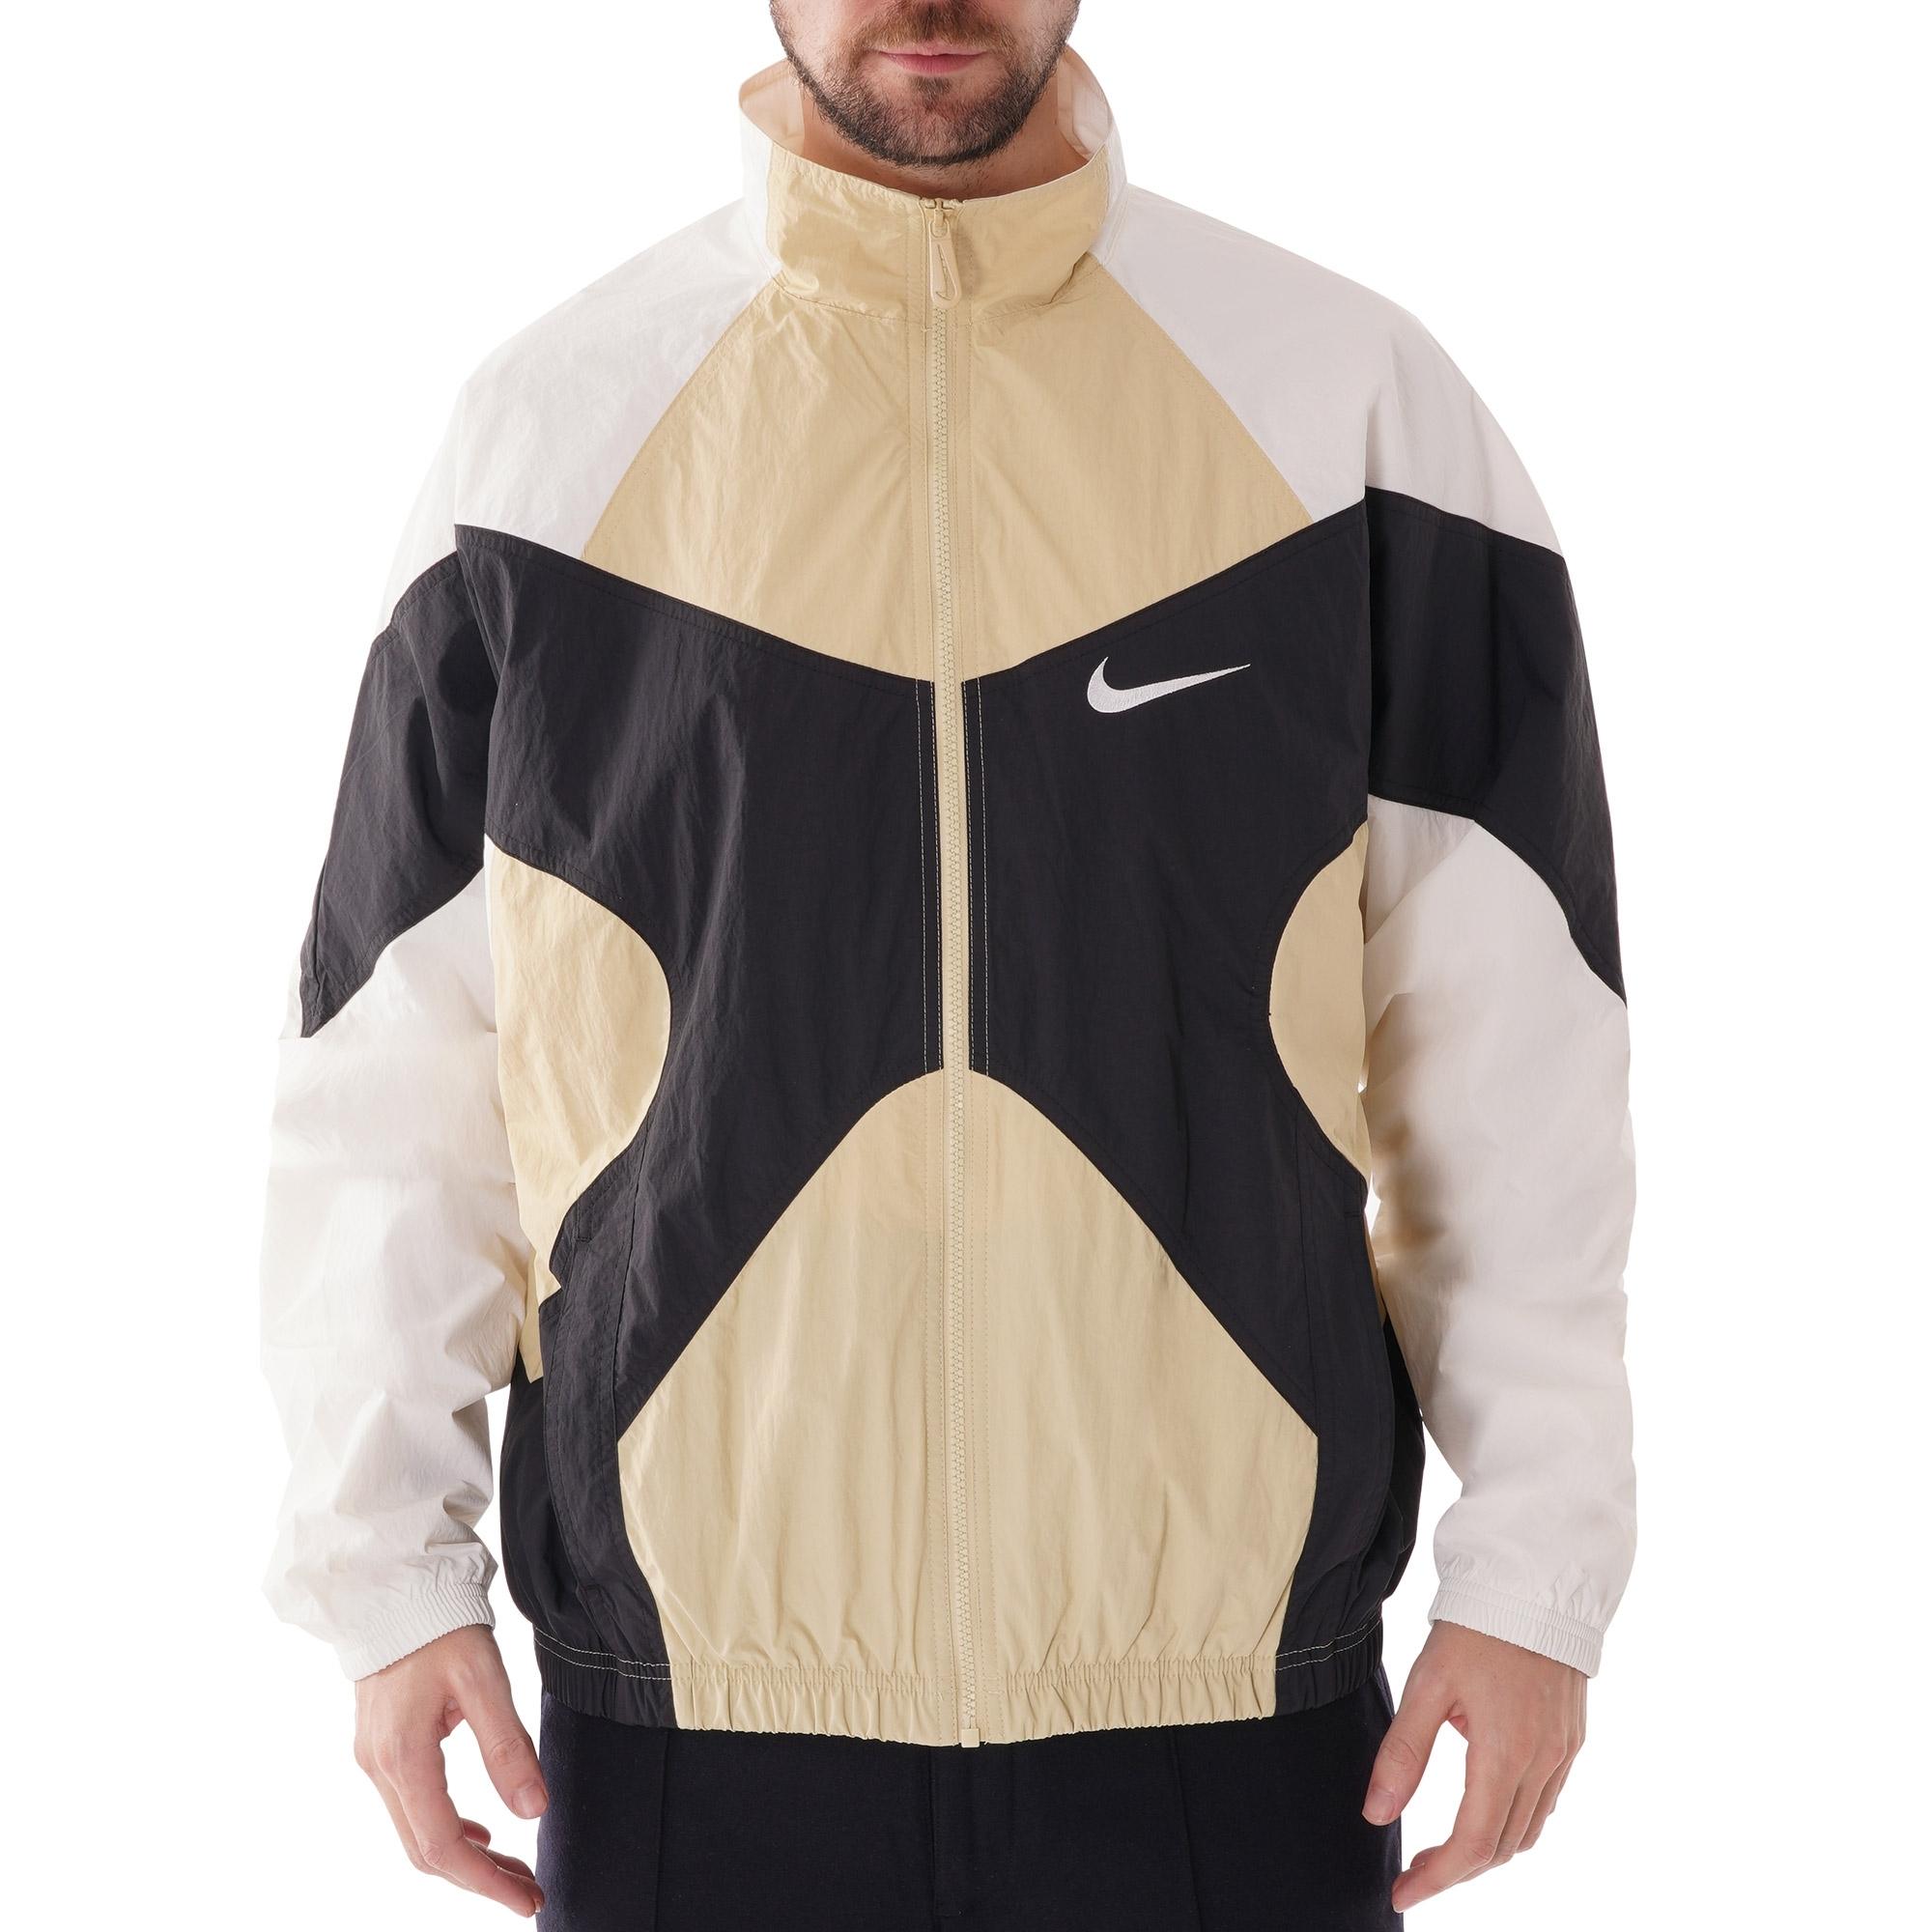 Nike Team Woven II Jacket Online India